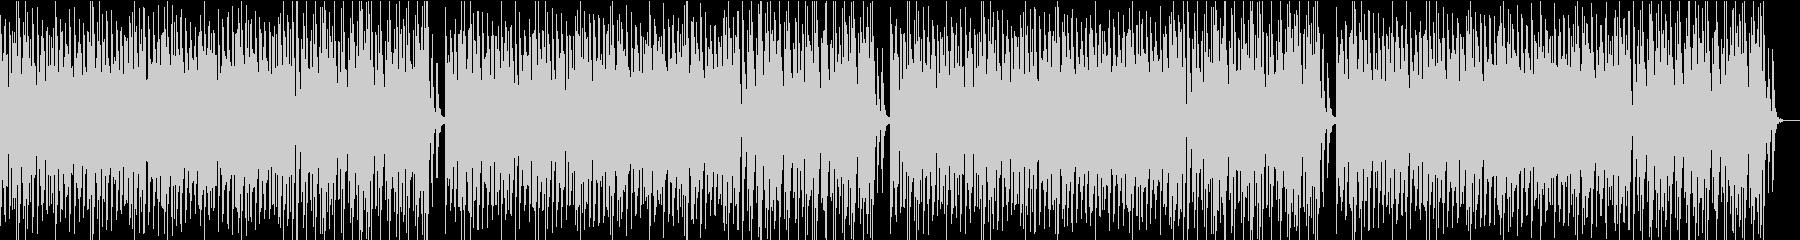 コミカルオーケストラ/静かめの未再生の波形